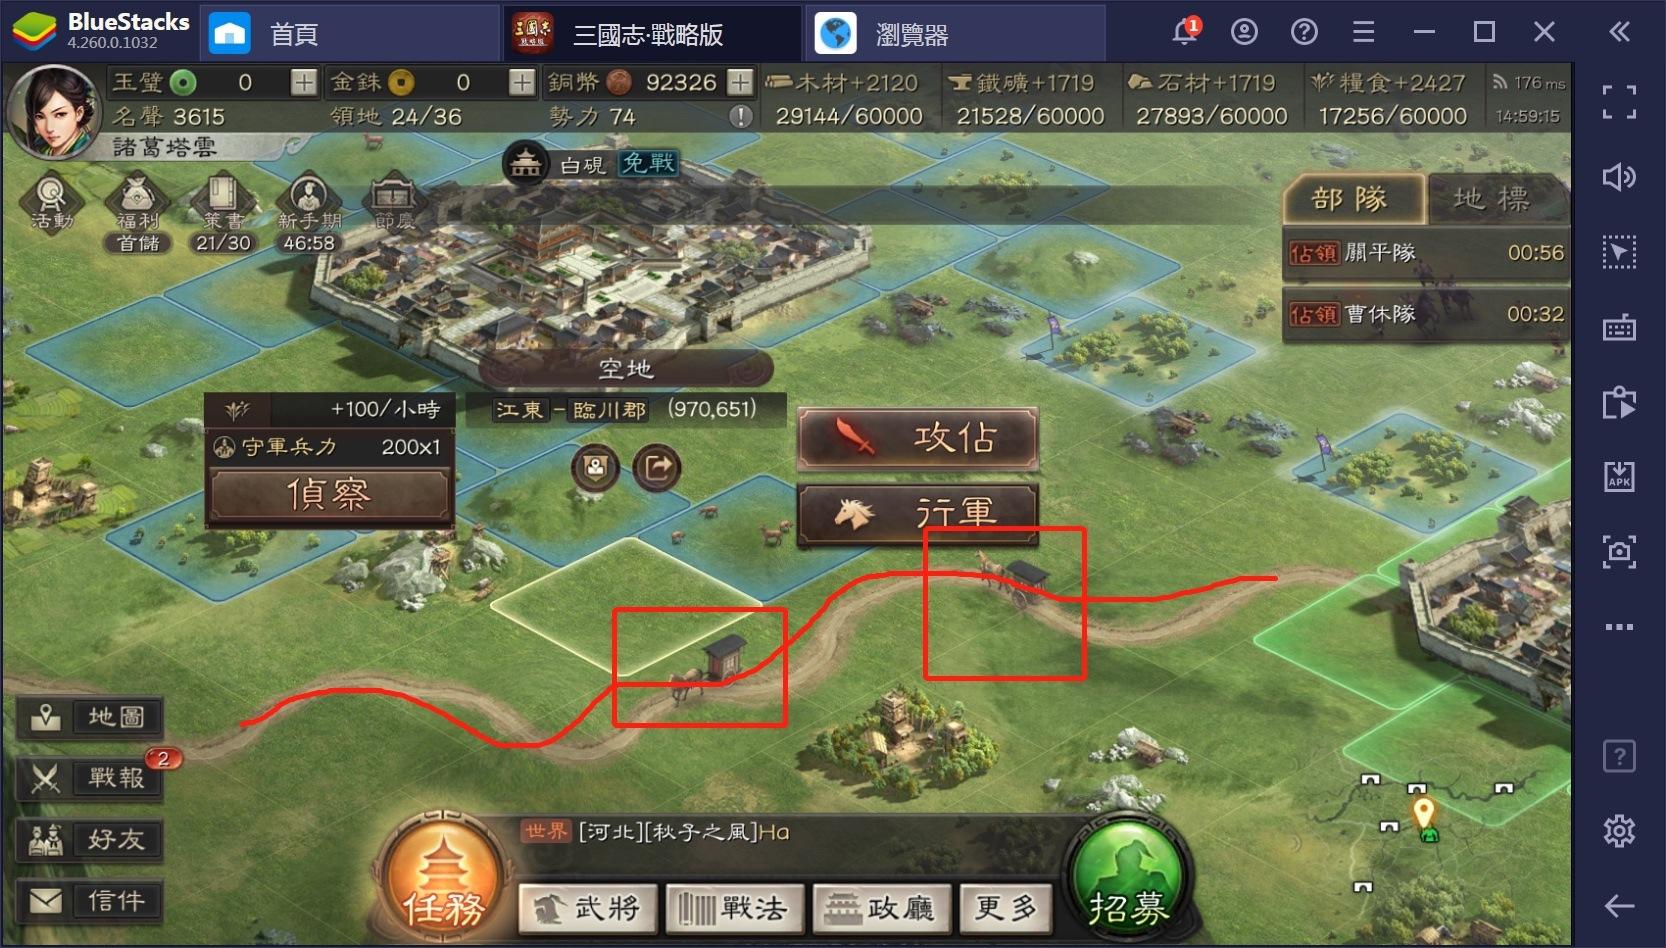 如何用BlueStacks在PC上玩手機遊戲《三國志·戰略版》